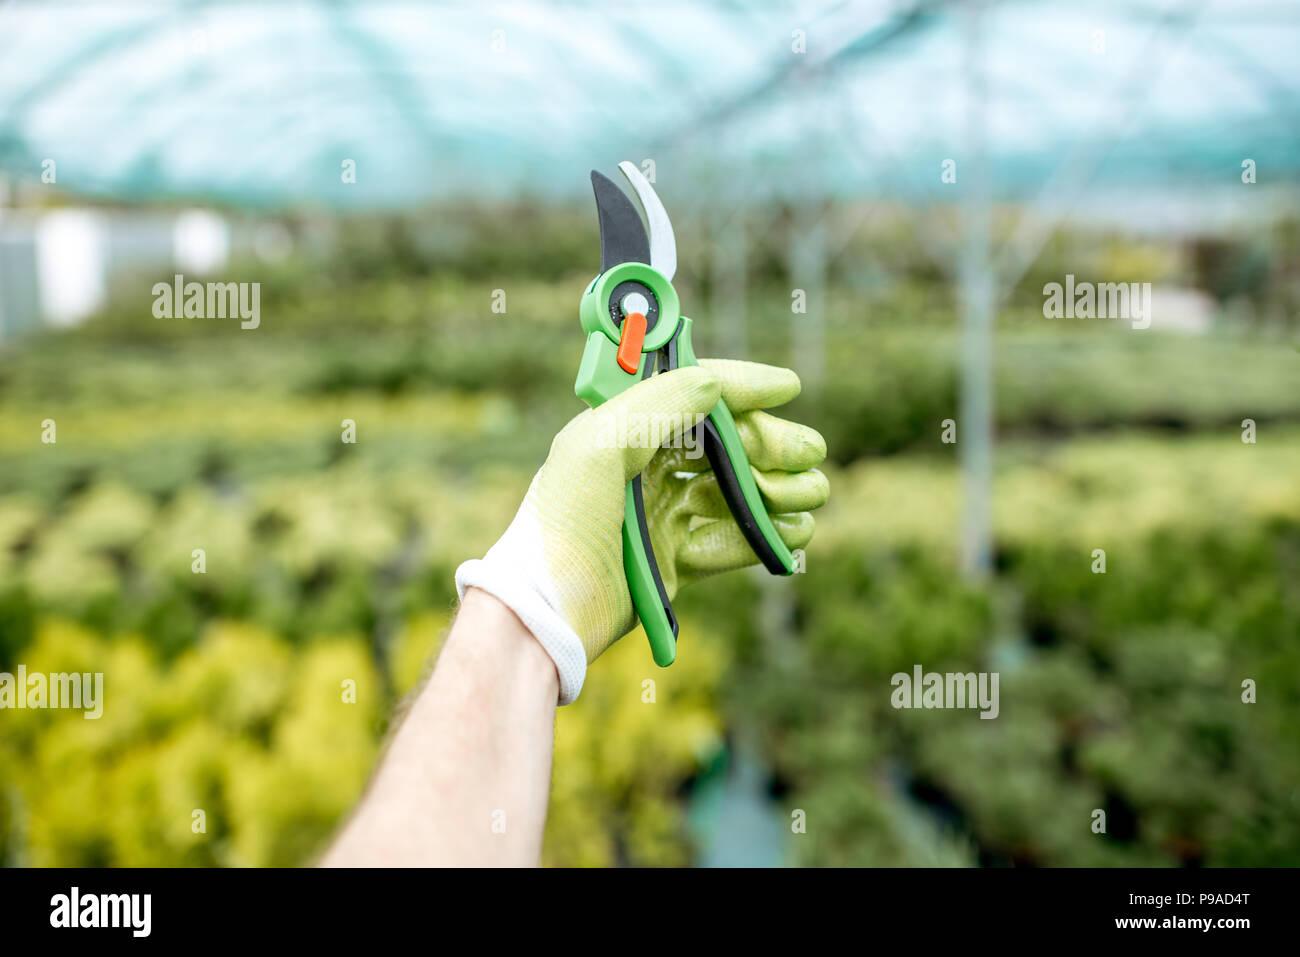 Scissors for gardening - Stock Image